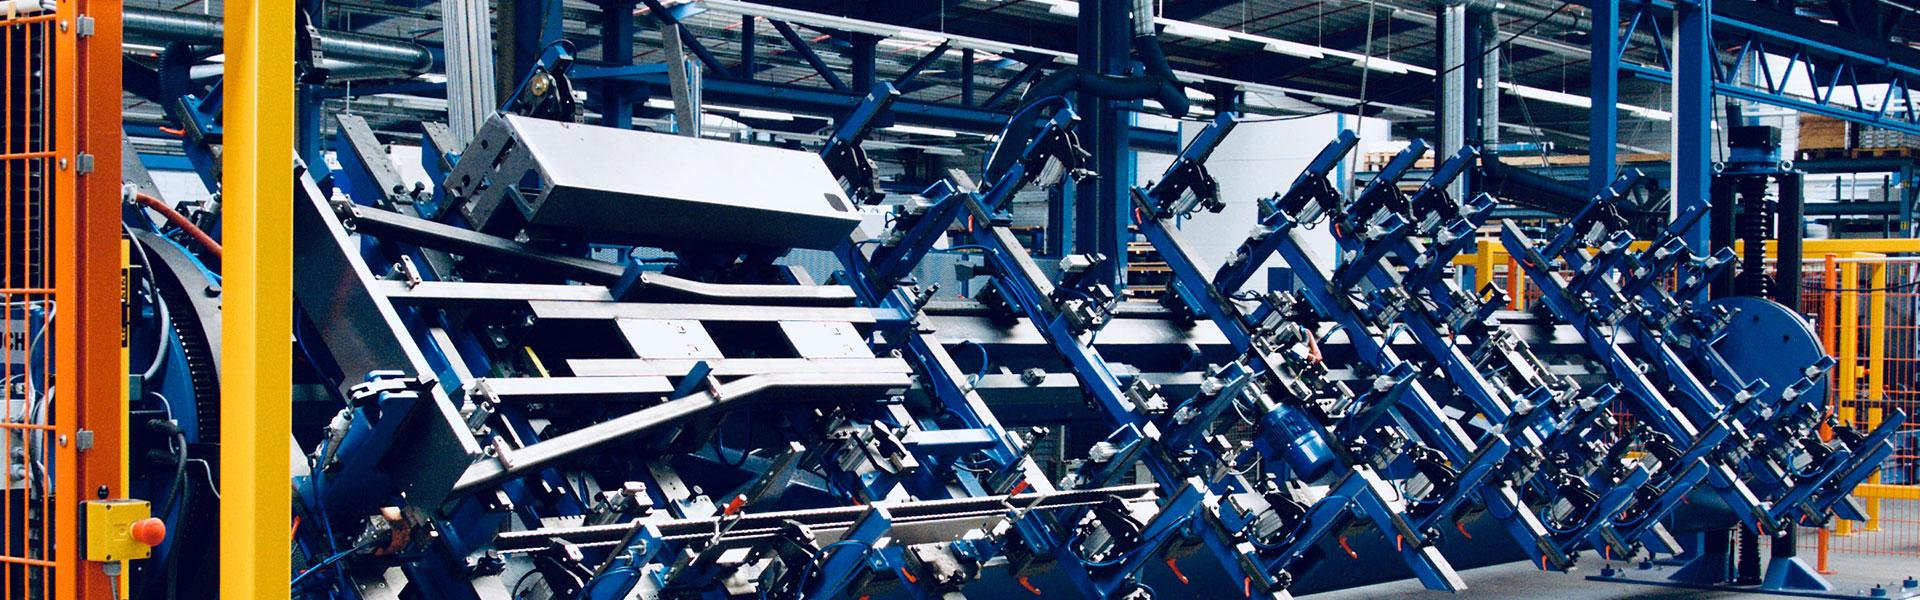 Schweißvorrichtungen bei Ortmeier Maschinen- und Vorrichtungsbau